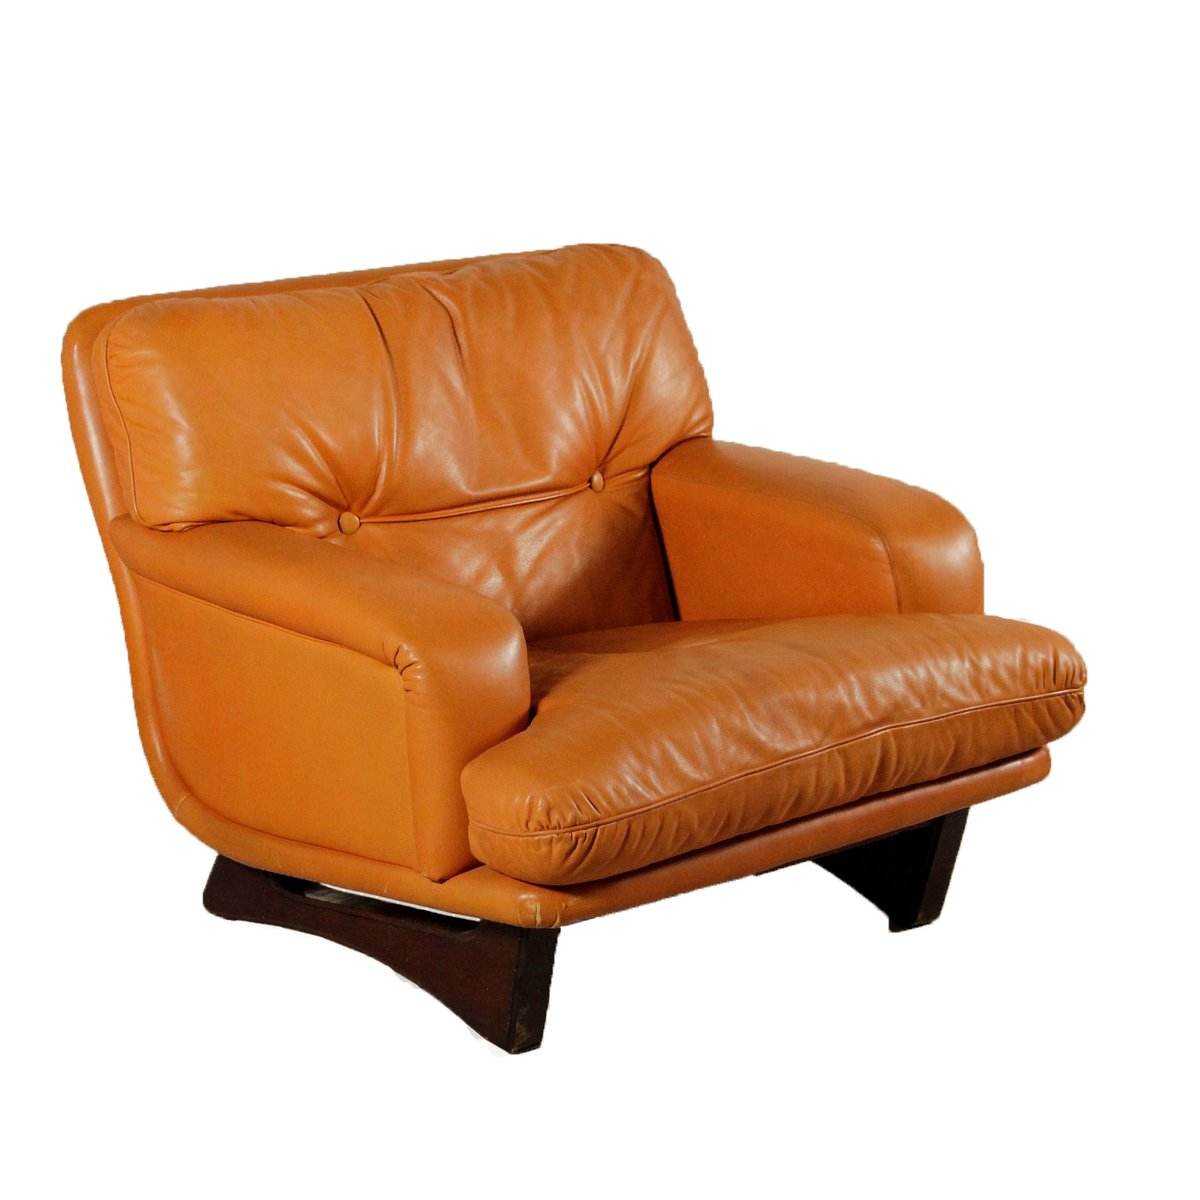 Italienischer Sessel aus Leder & Holz von Lenzi, 1960er